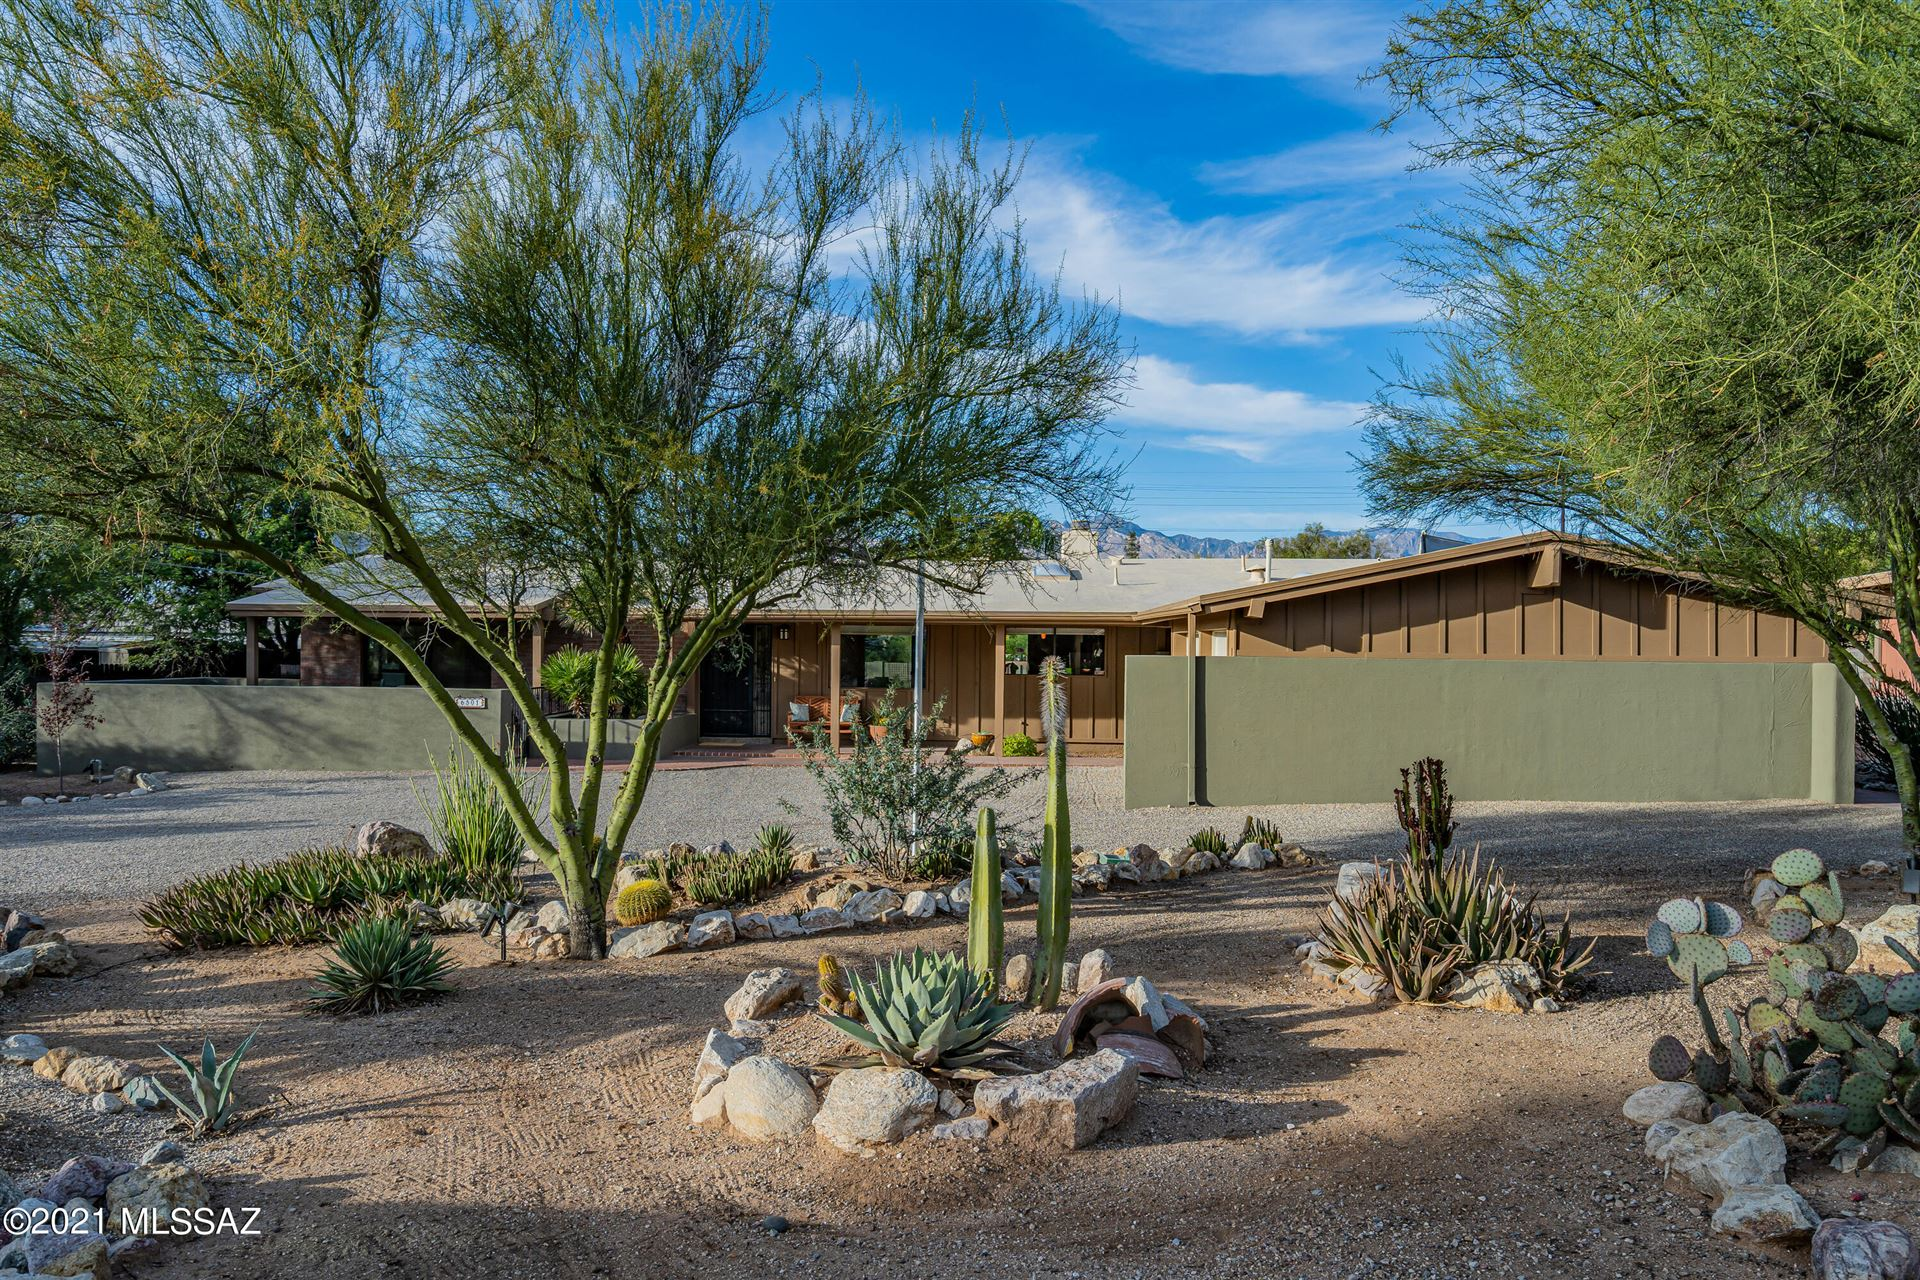 6501 E Marta Hillgrove, Tucson, AZ 85710 - MLS#: 22127309